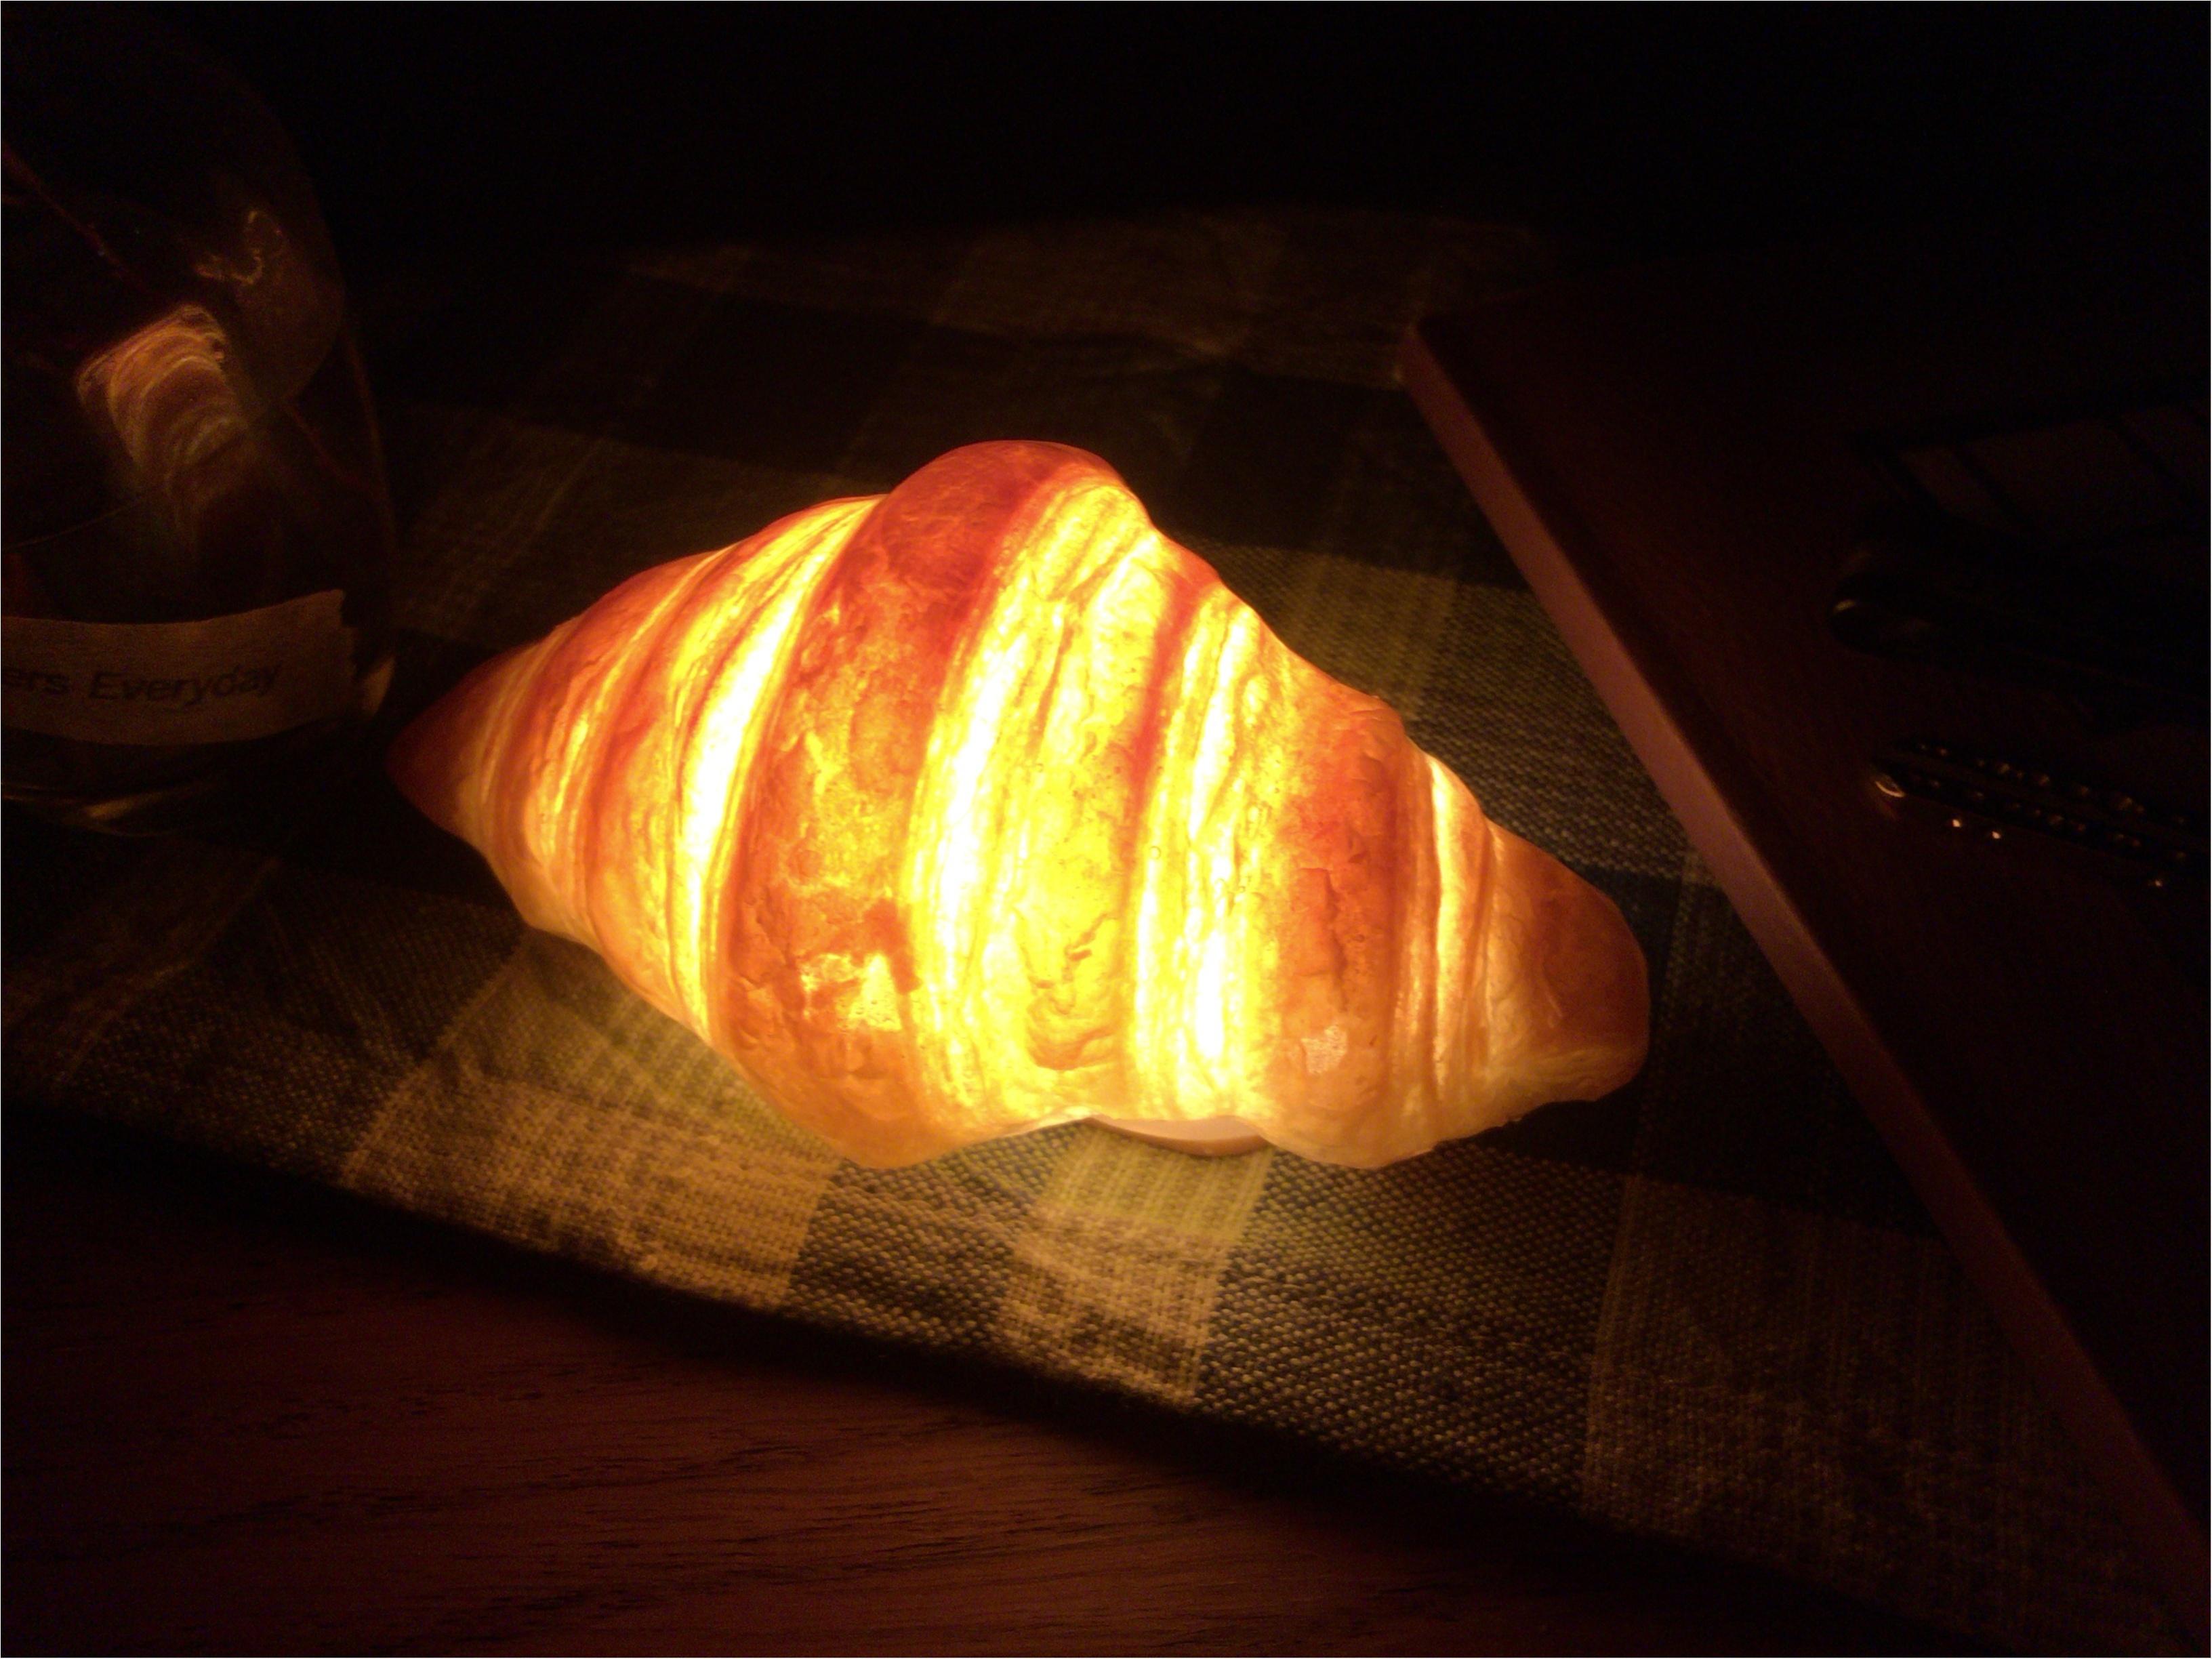 本物のパンでライト?クロワッサンが可愛い《パンプシェード》って何?なインテリア雑貨を見つけました!_10